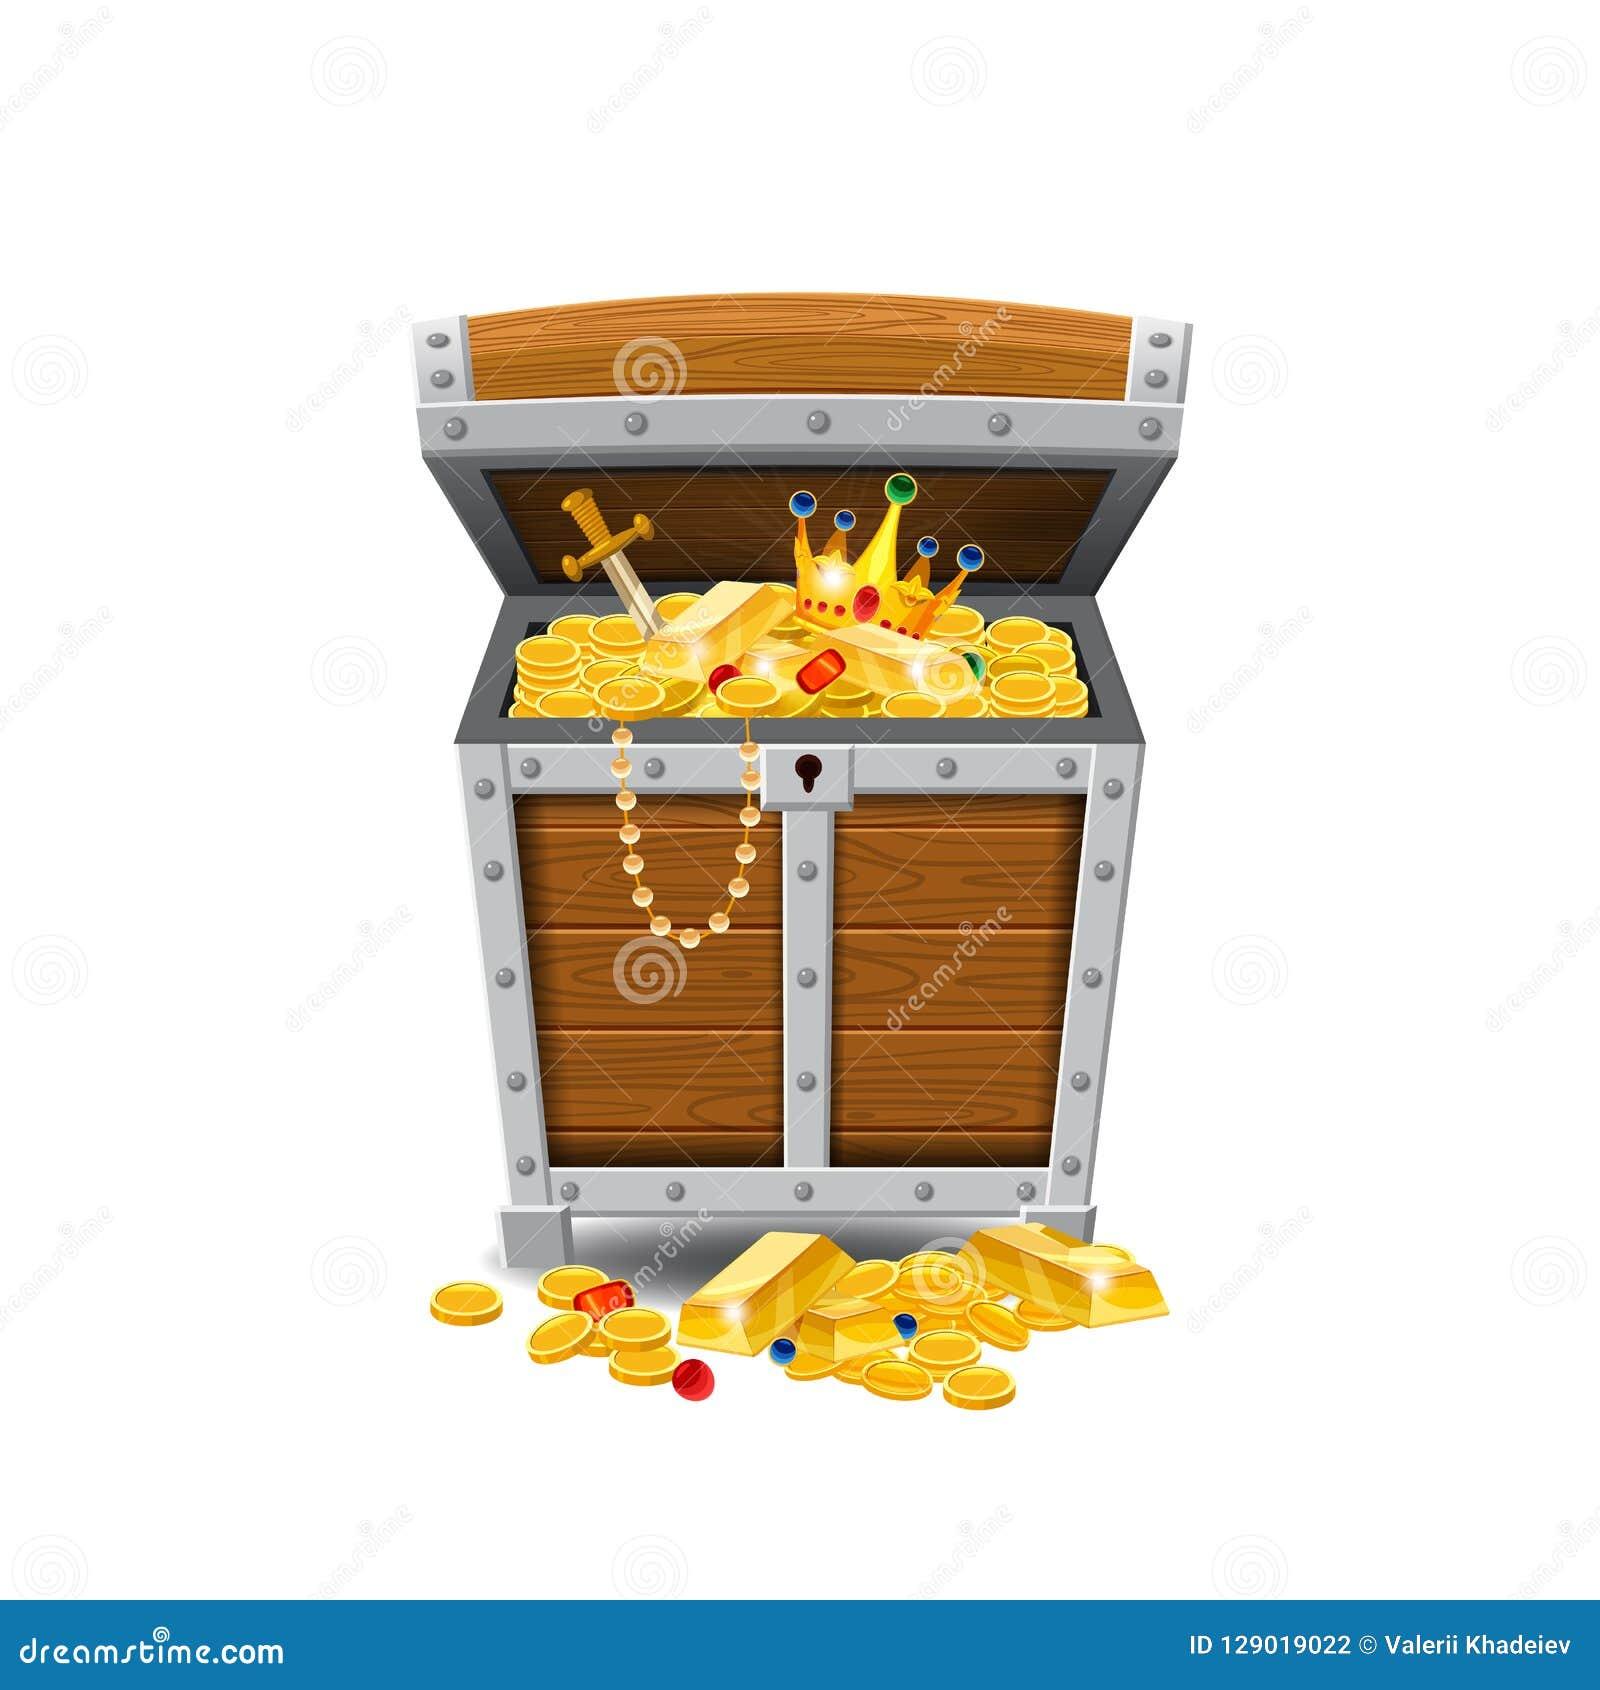 Drewniane stare pirat klatki piersiowe skarby, pełno, złociste monety, skarby, wektor, kreskówka styl, ilustracja, odizolowywając